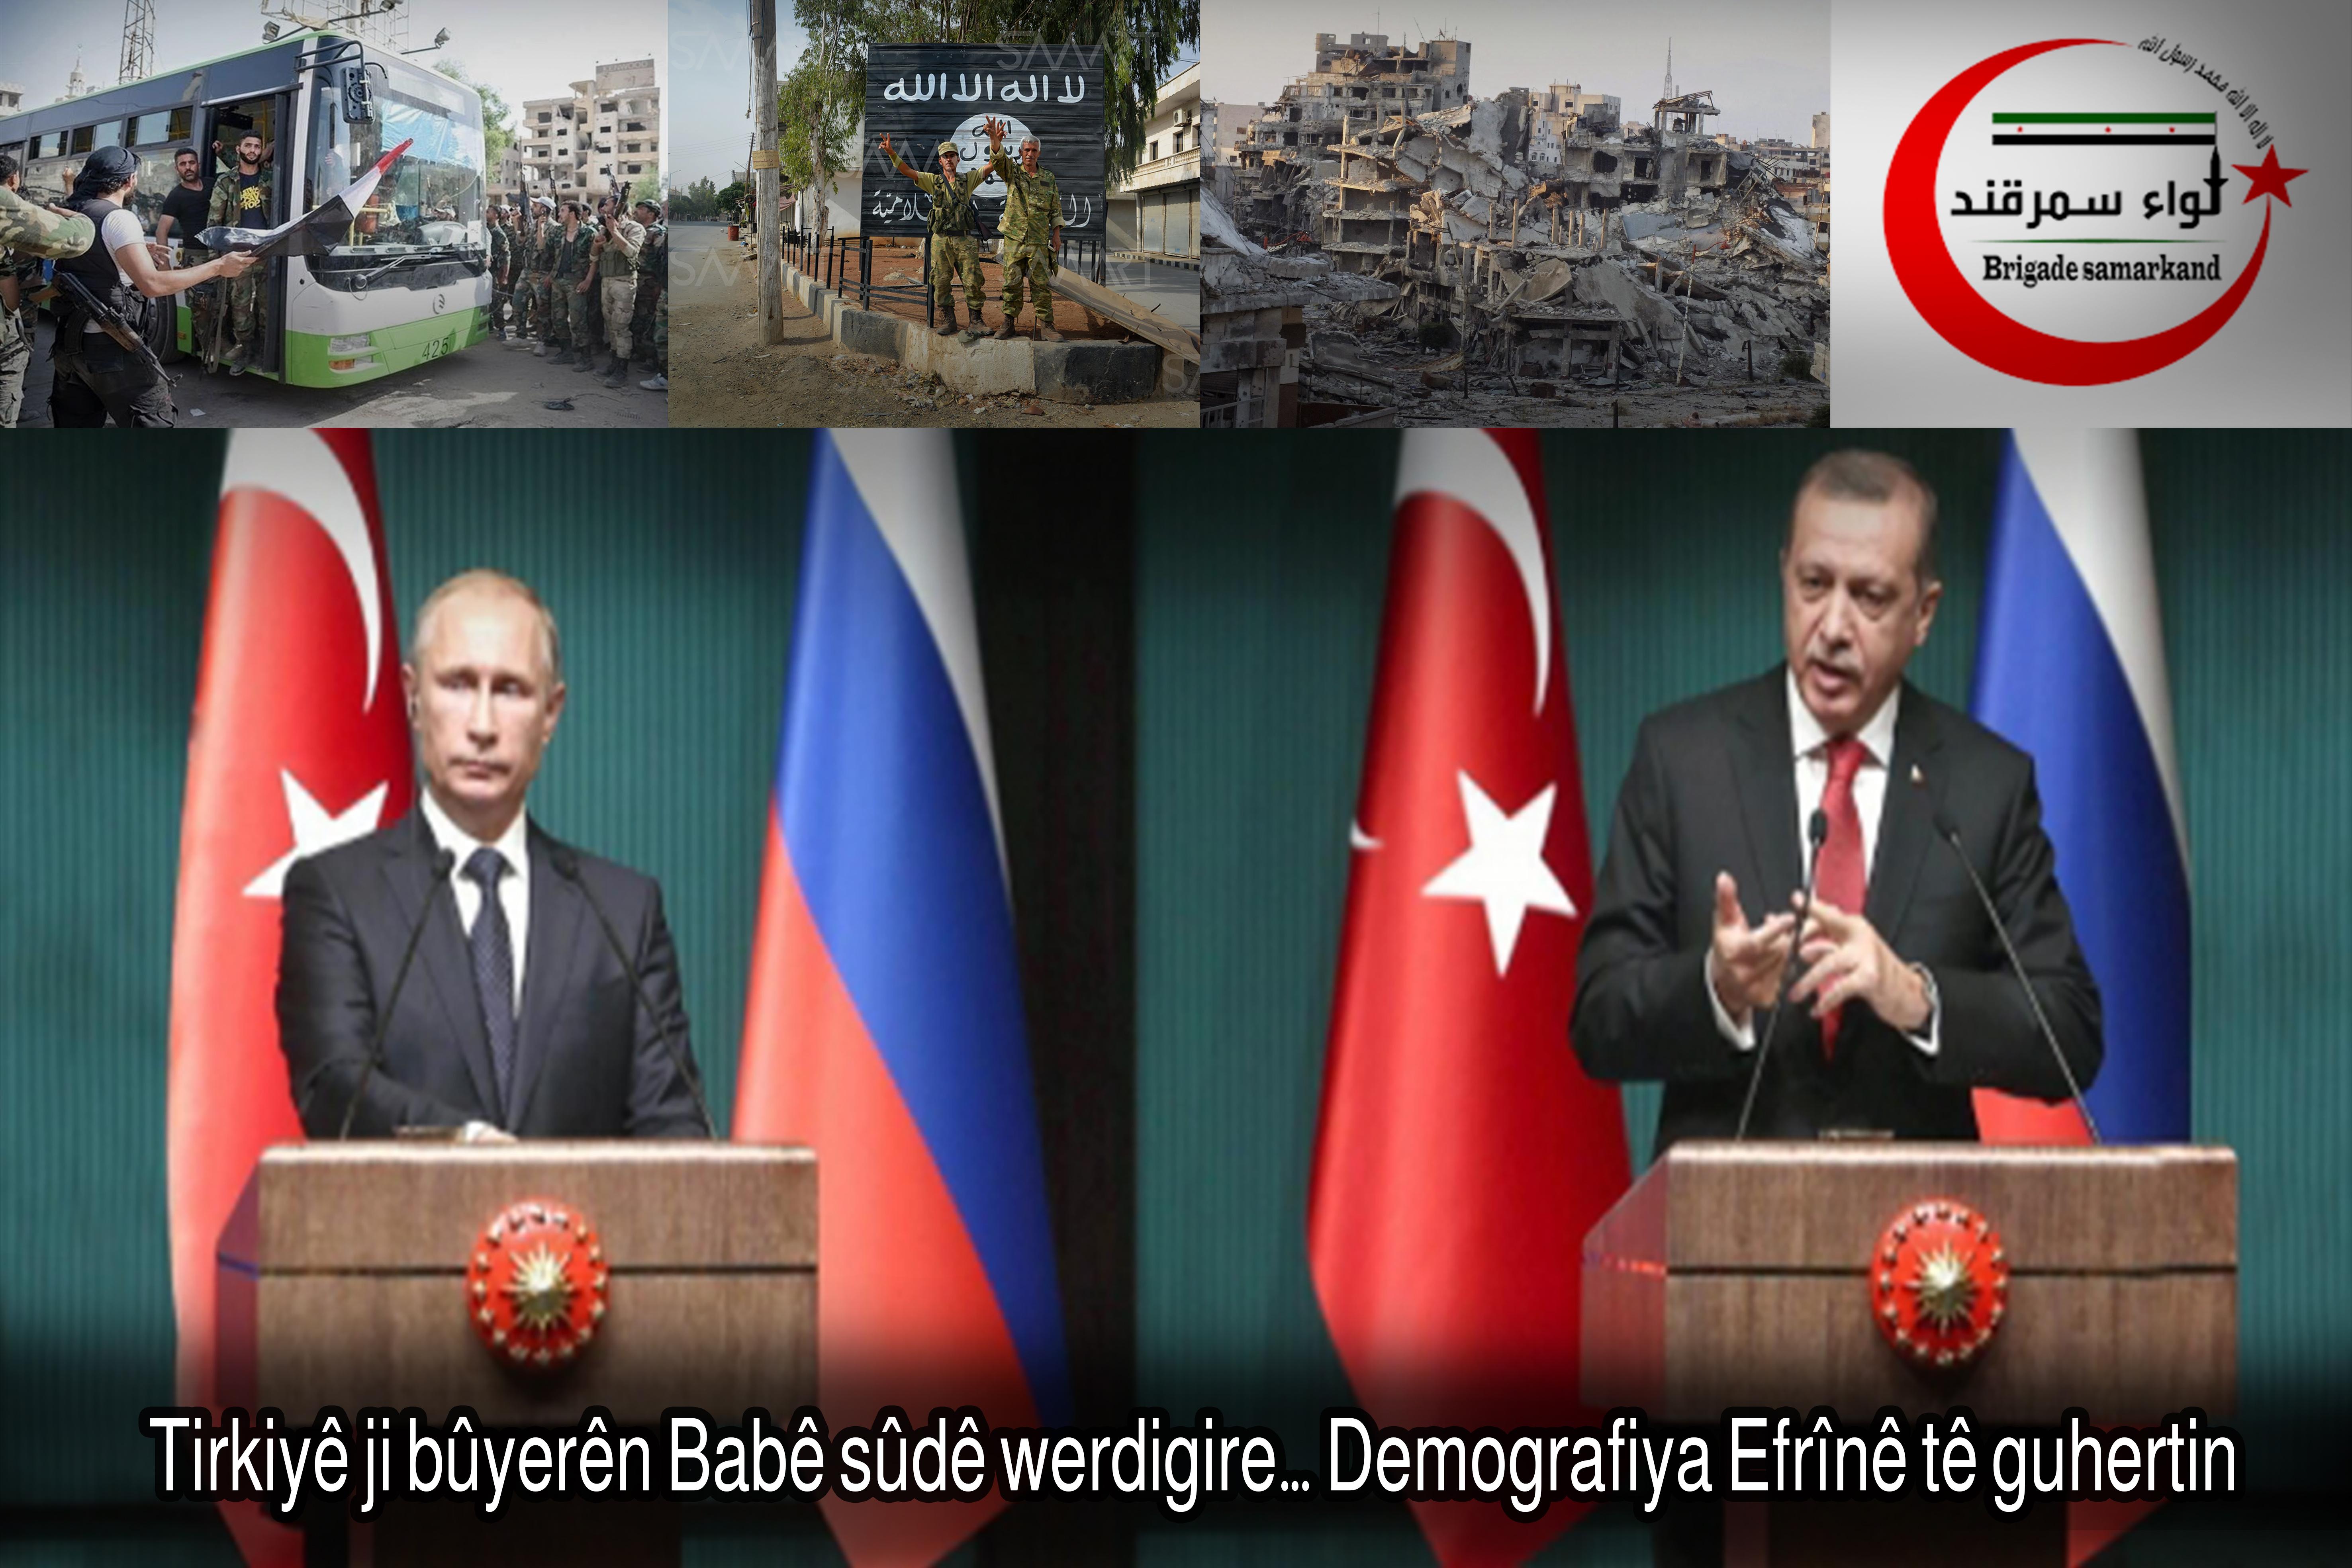 Tirkiyê ji bûyerên Babê sûdê werdigire… Demografiya Efrînê tê guhertin - 1